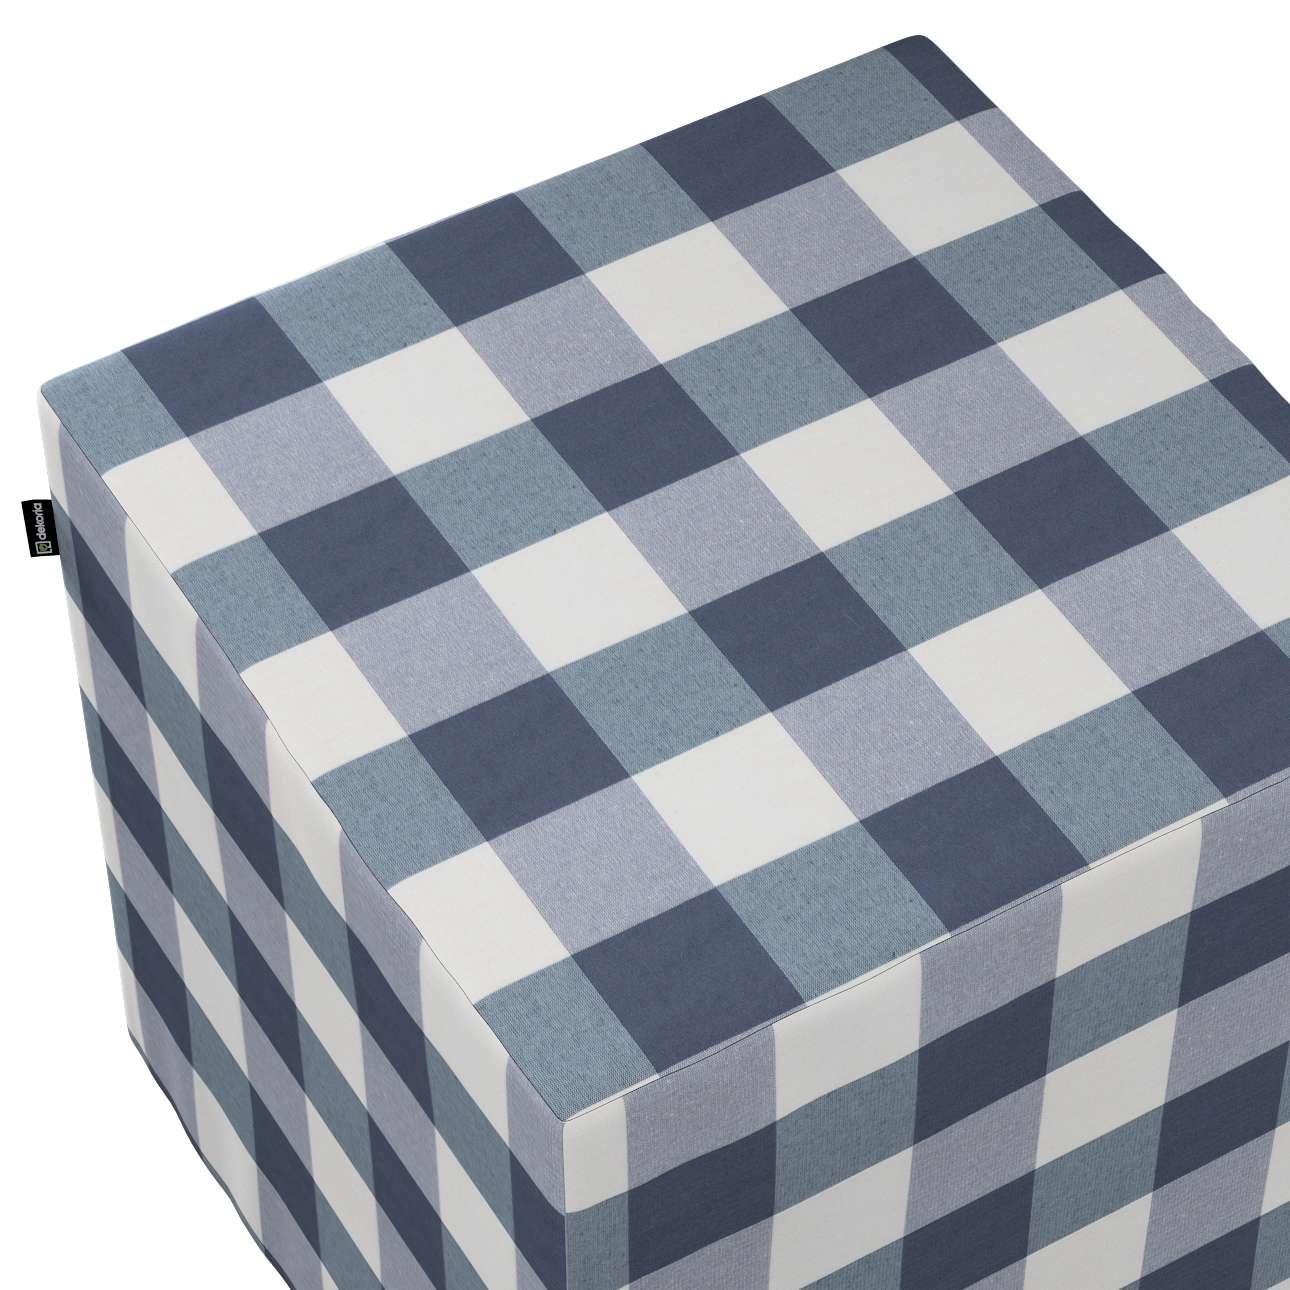 Taburetka tvrdá, kocka V kolekcii Quadro, tkanina: 136-03